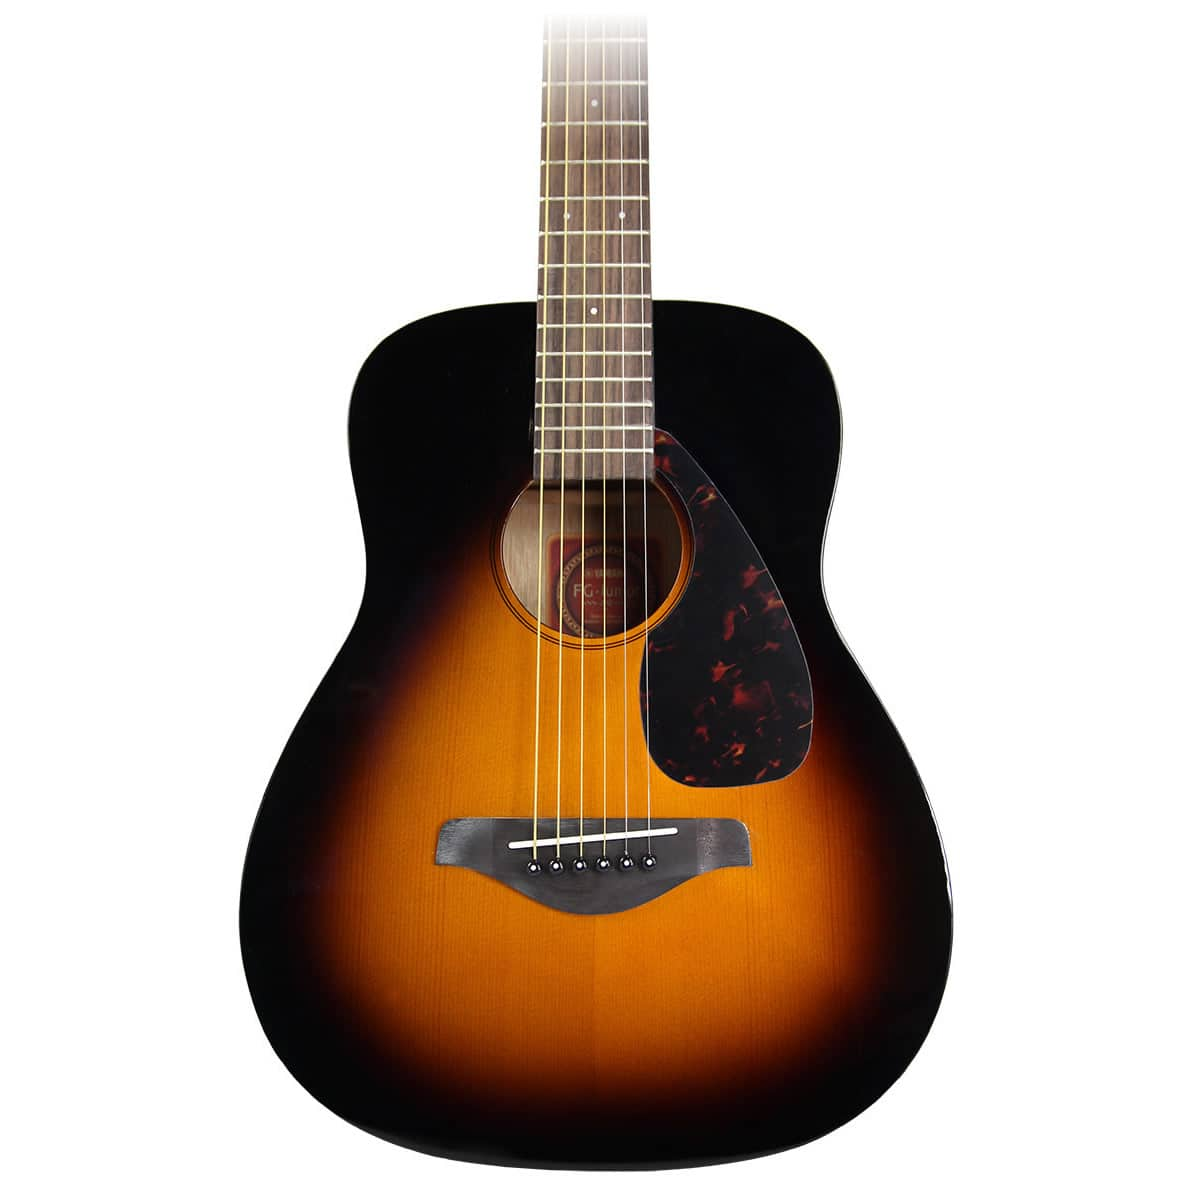 Yamaha jr2 3 4 size acoustic guitar sunburst reverb for Yamaha jr2 3 4